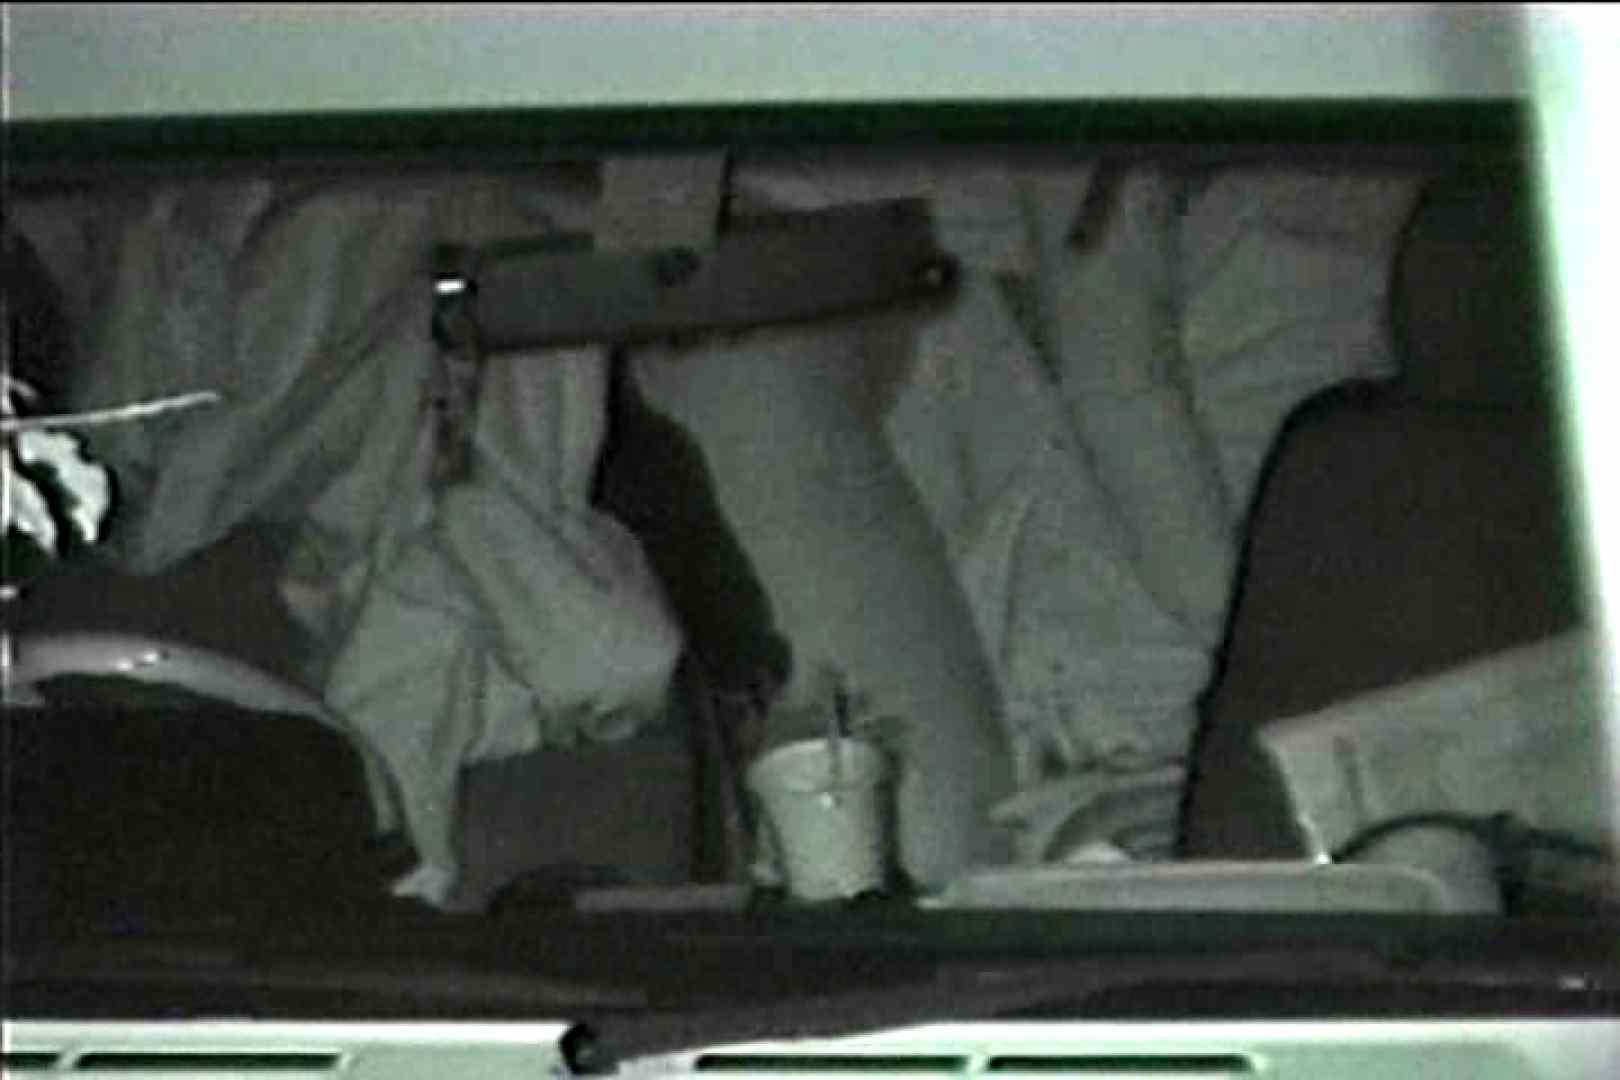 車の中はラブホテル 無修正版  Vol.7 セックス 隠し撮りオマンコ動画紹介 81画像 11